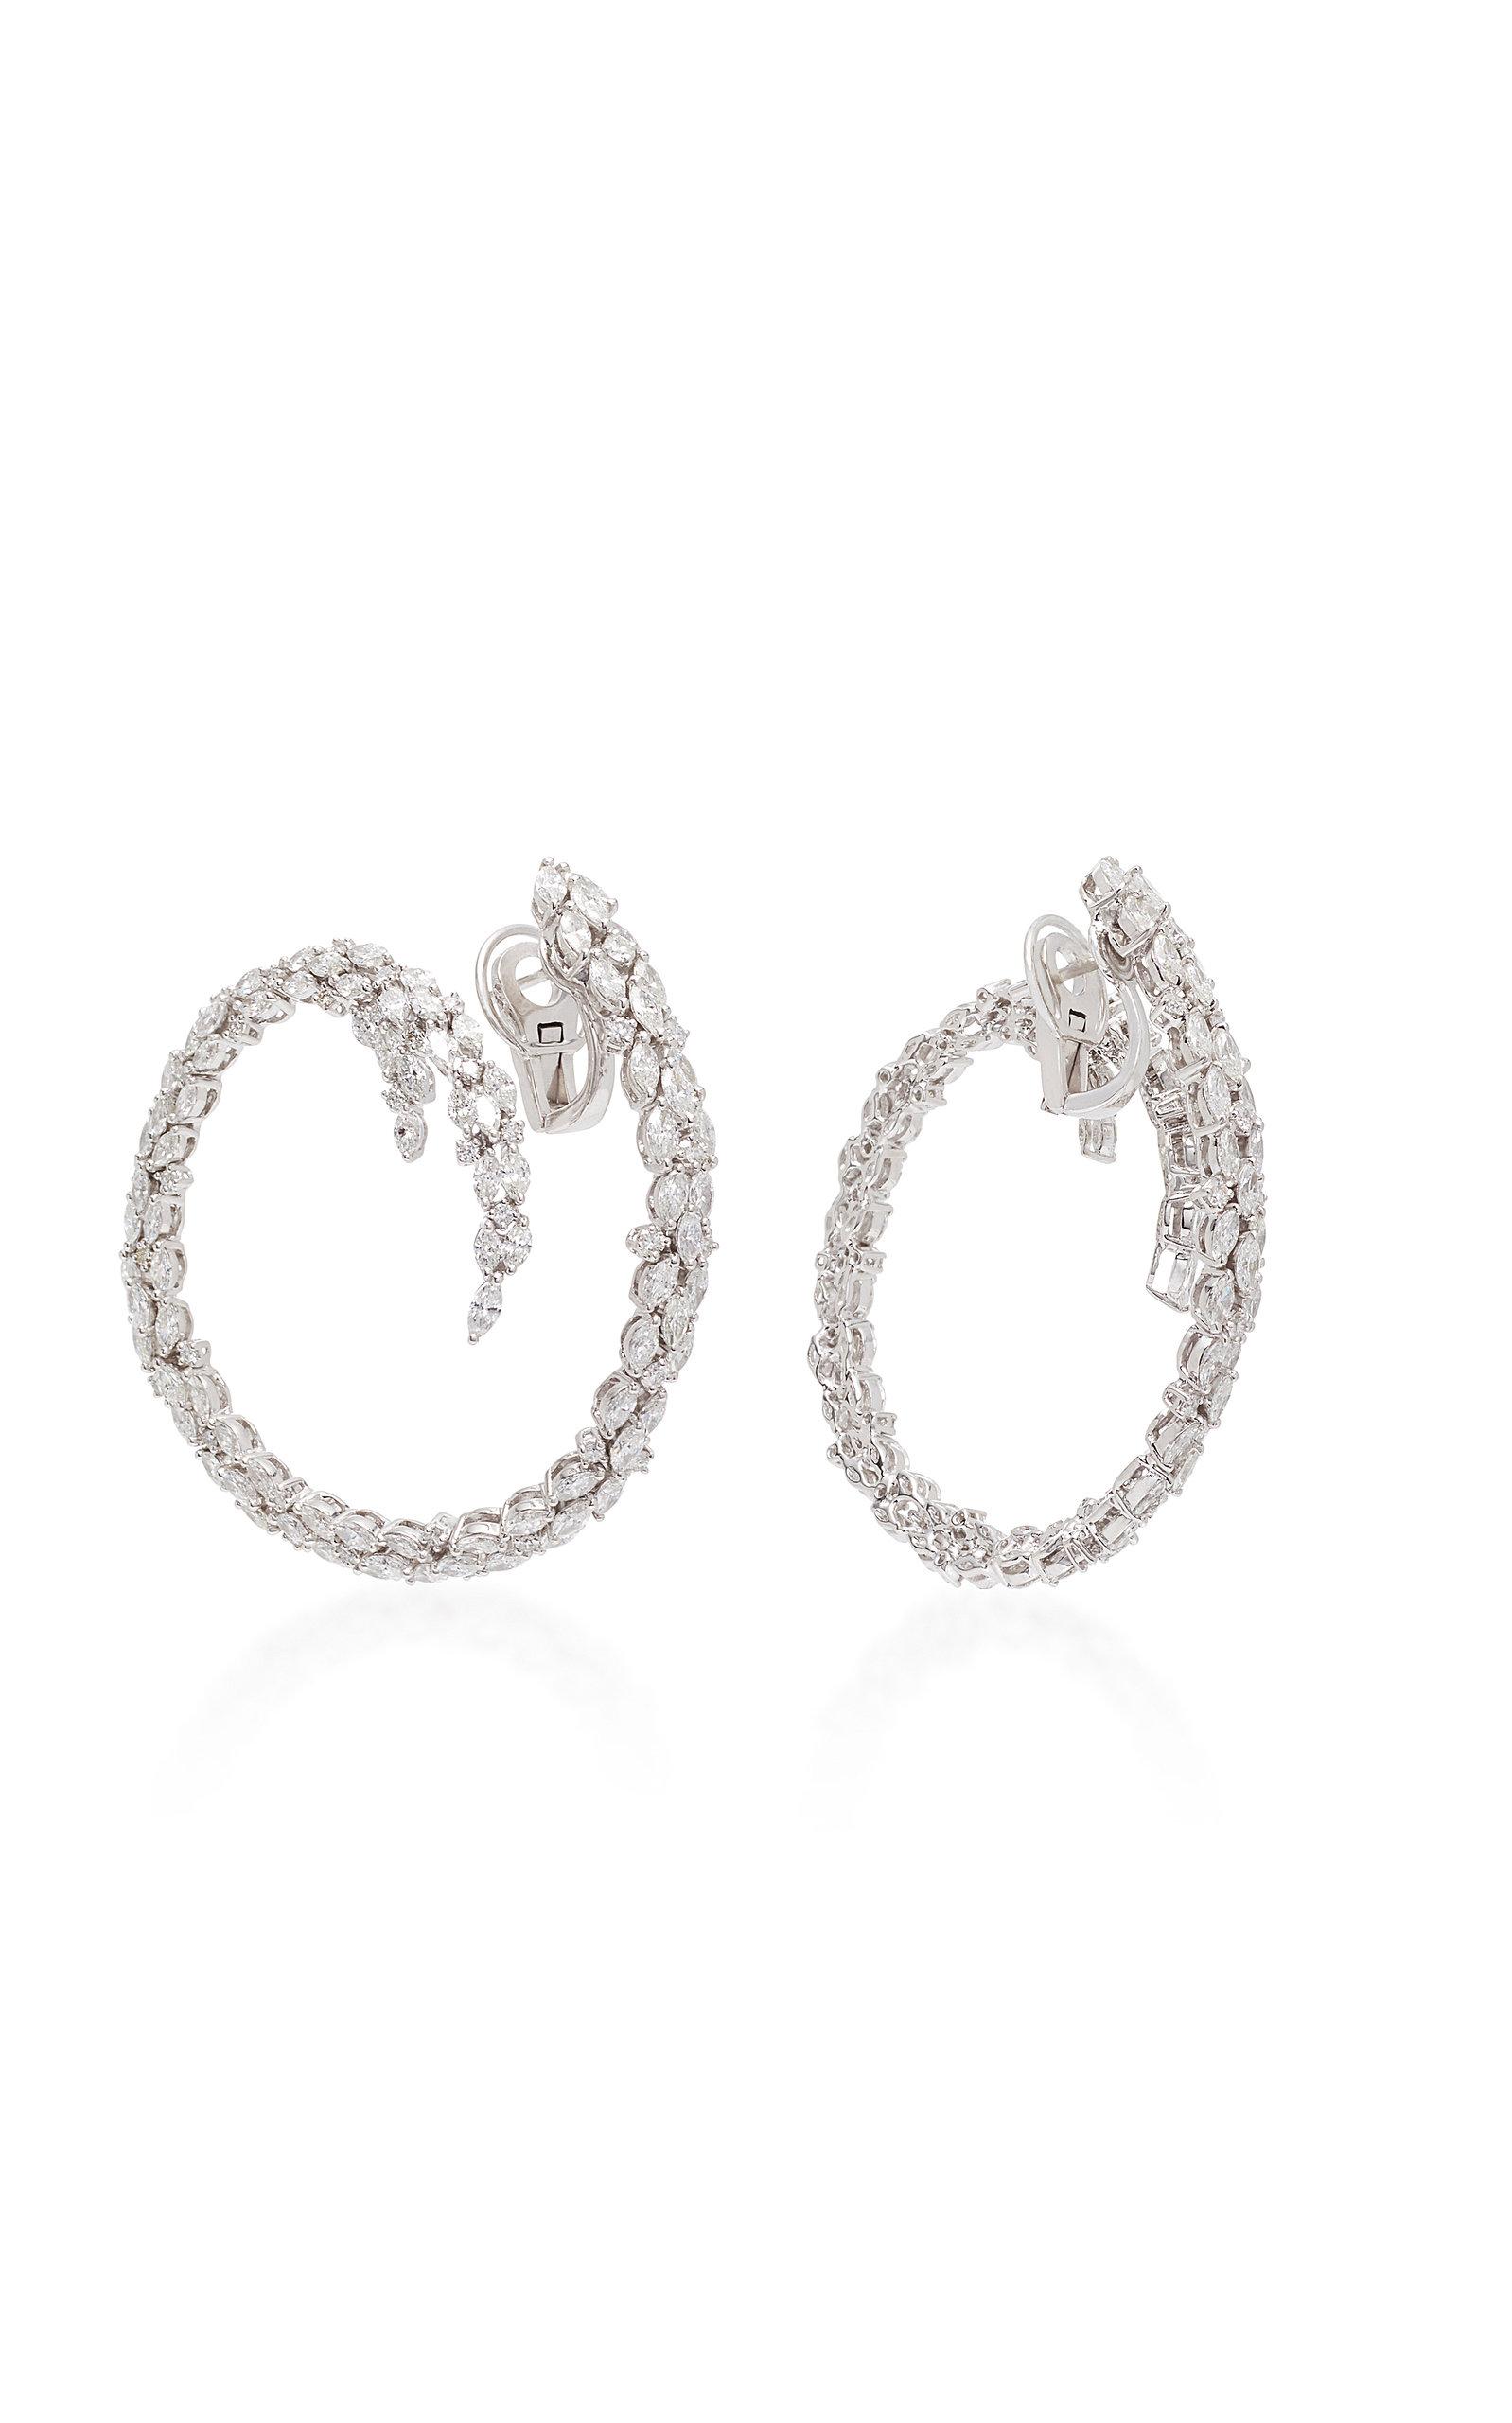 Yeprem Chevalier Hoop With Extension Earrings nPFUsD